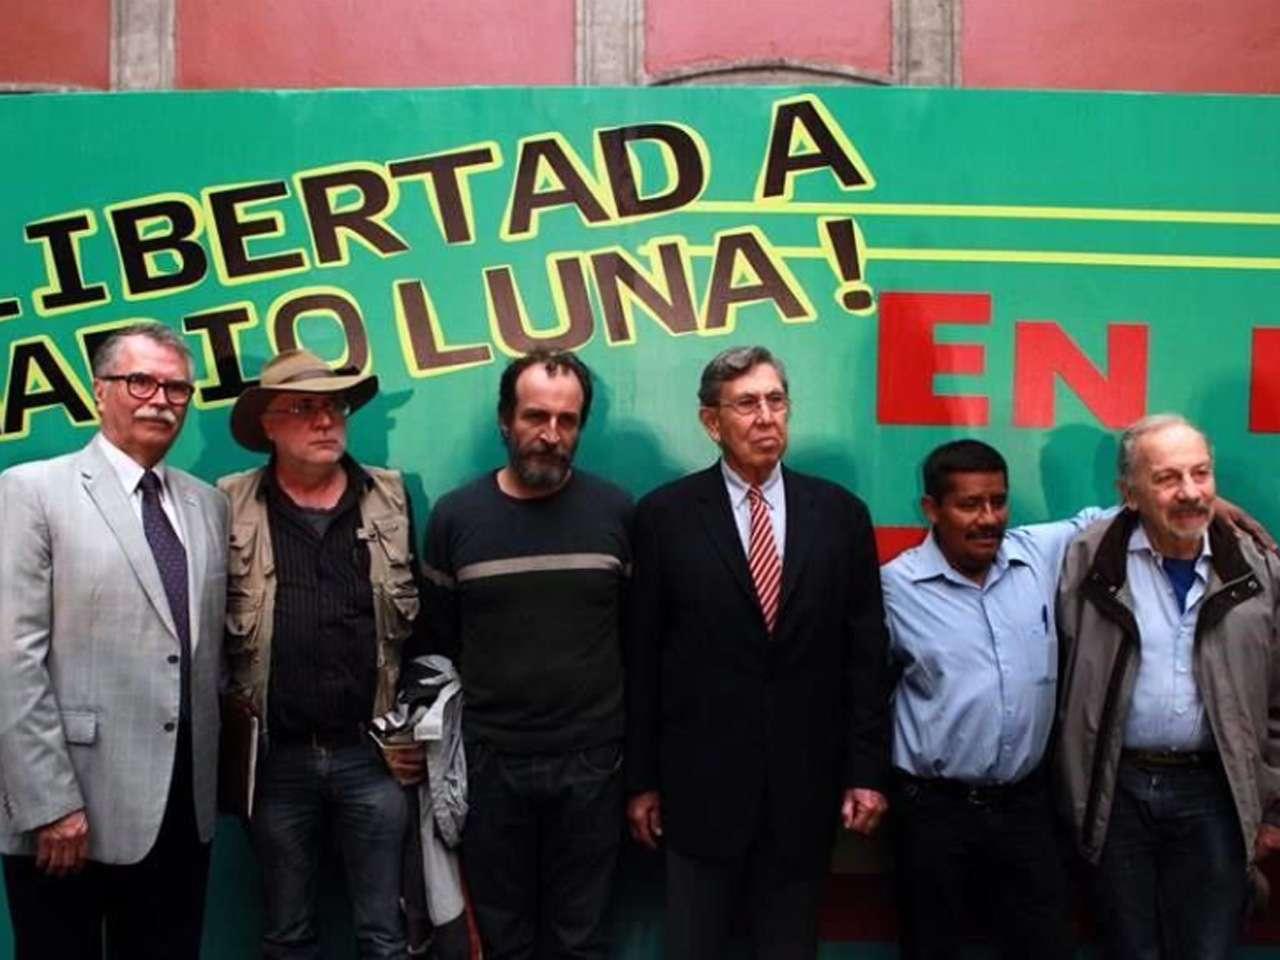 La exigencia la encabezó Cuauhtémoc Cárdenas Foto: Tomás Martínez/Reforma